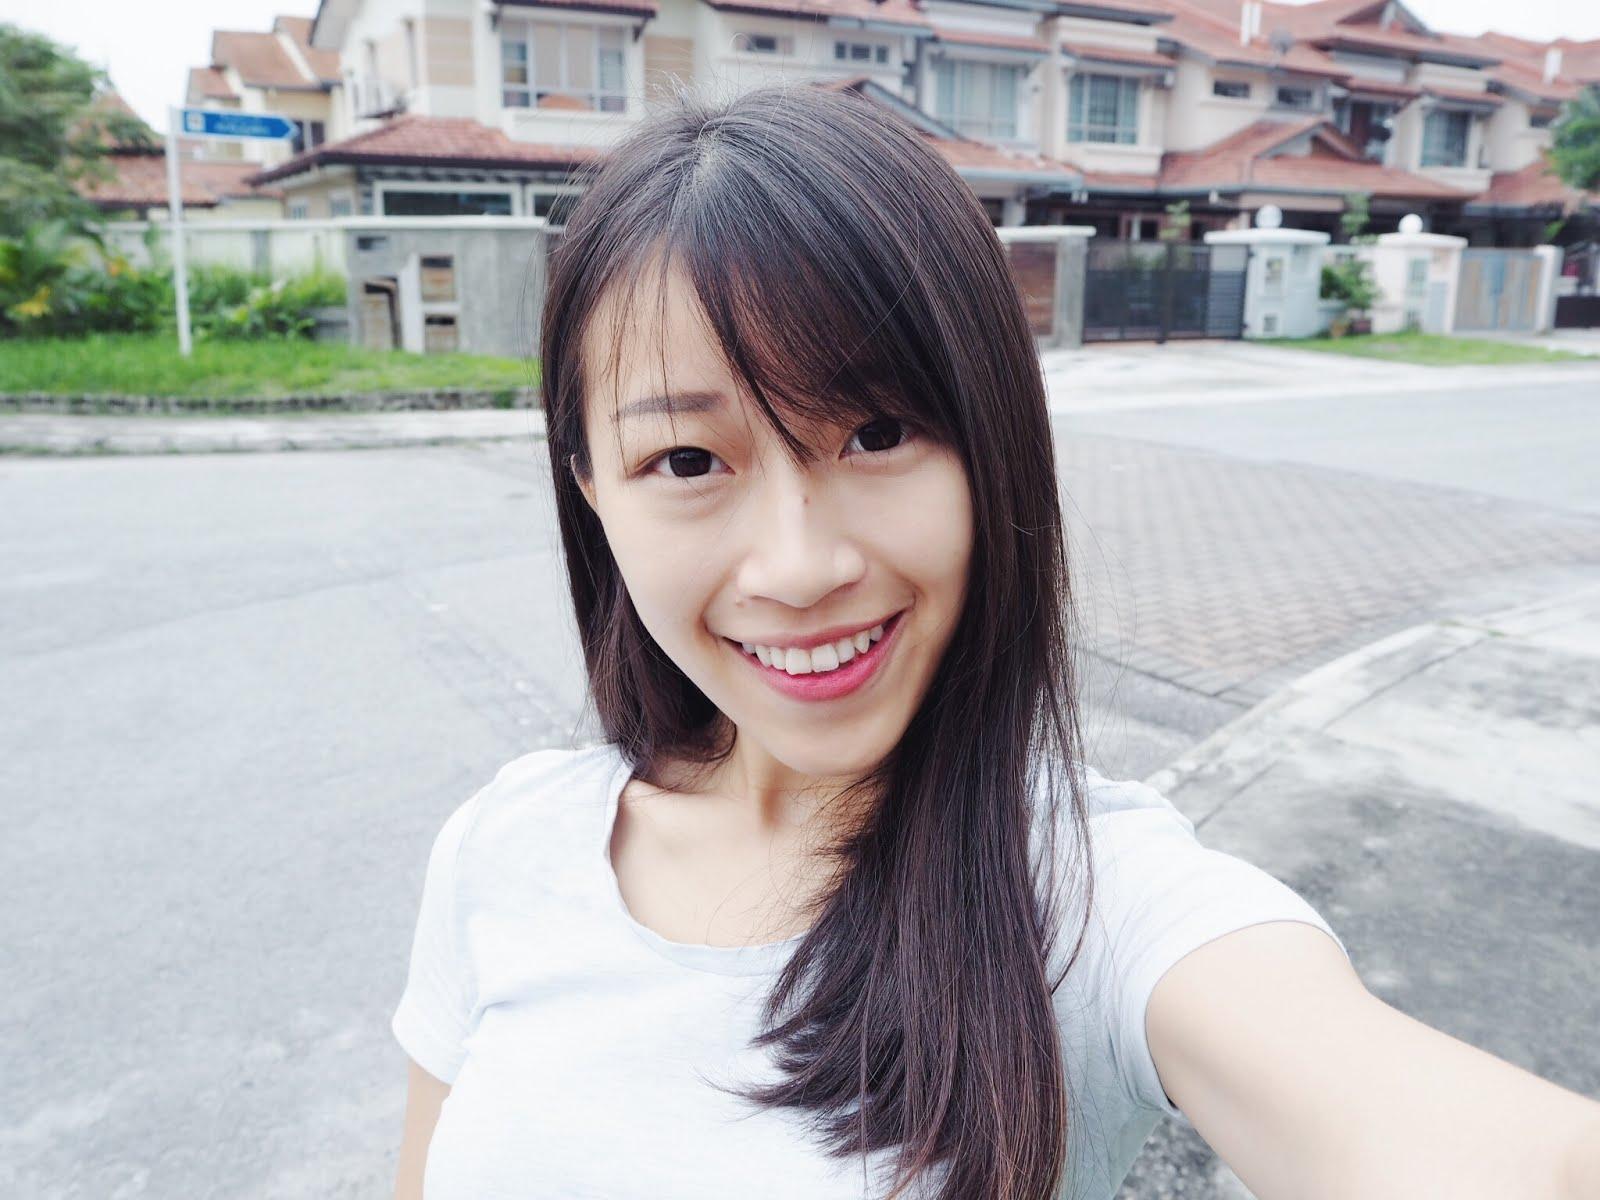 Yiling Lim